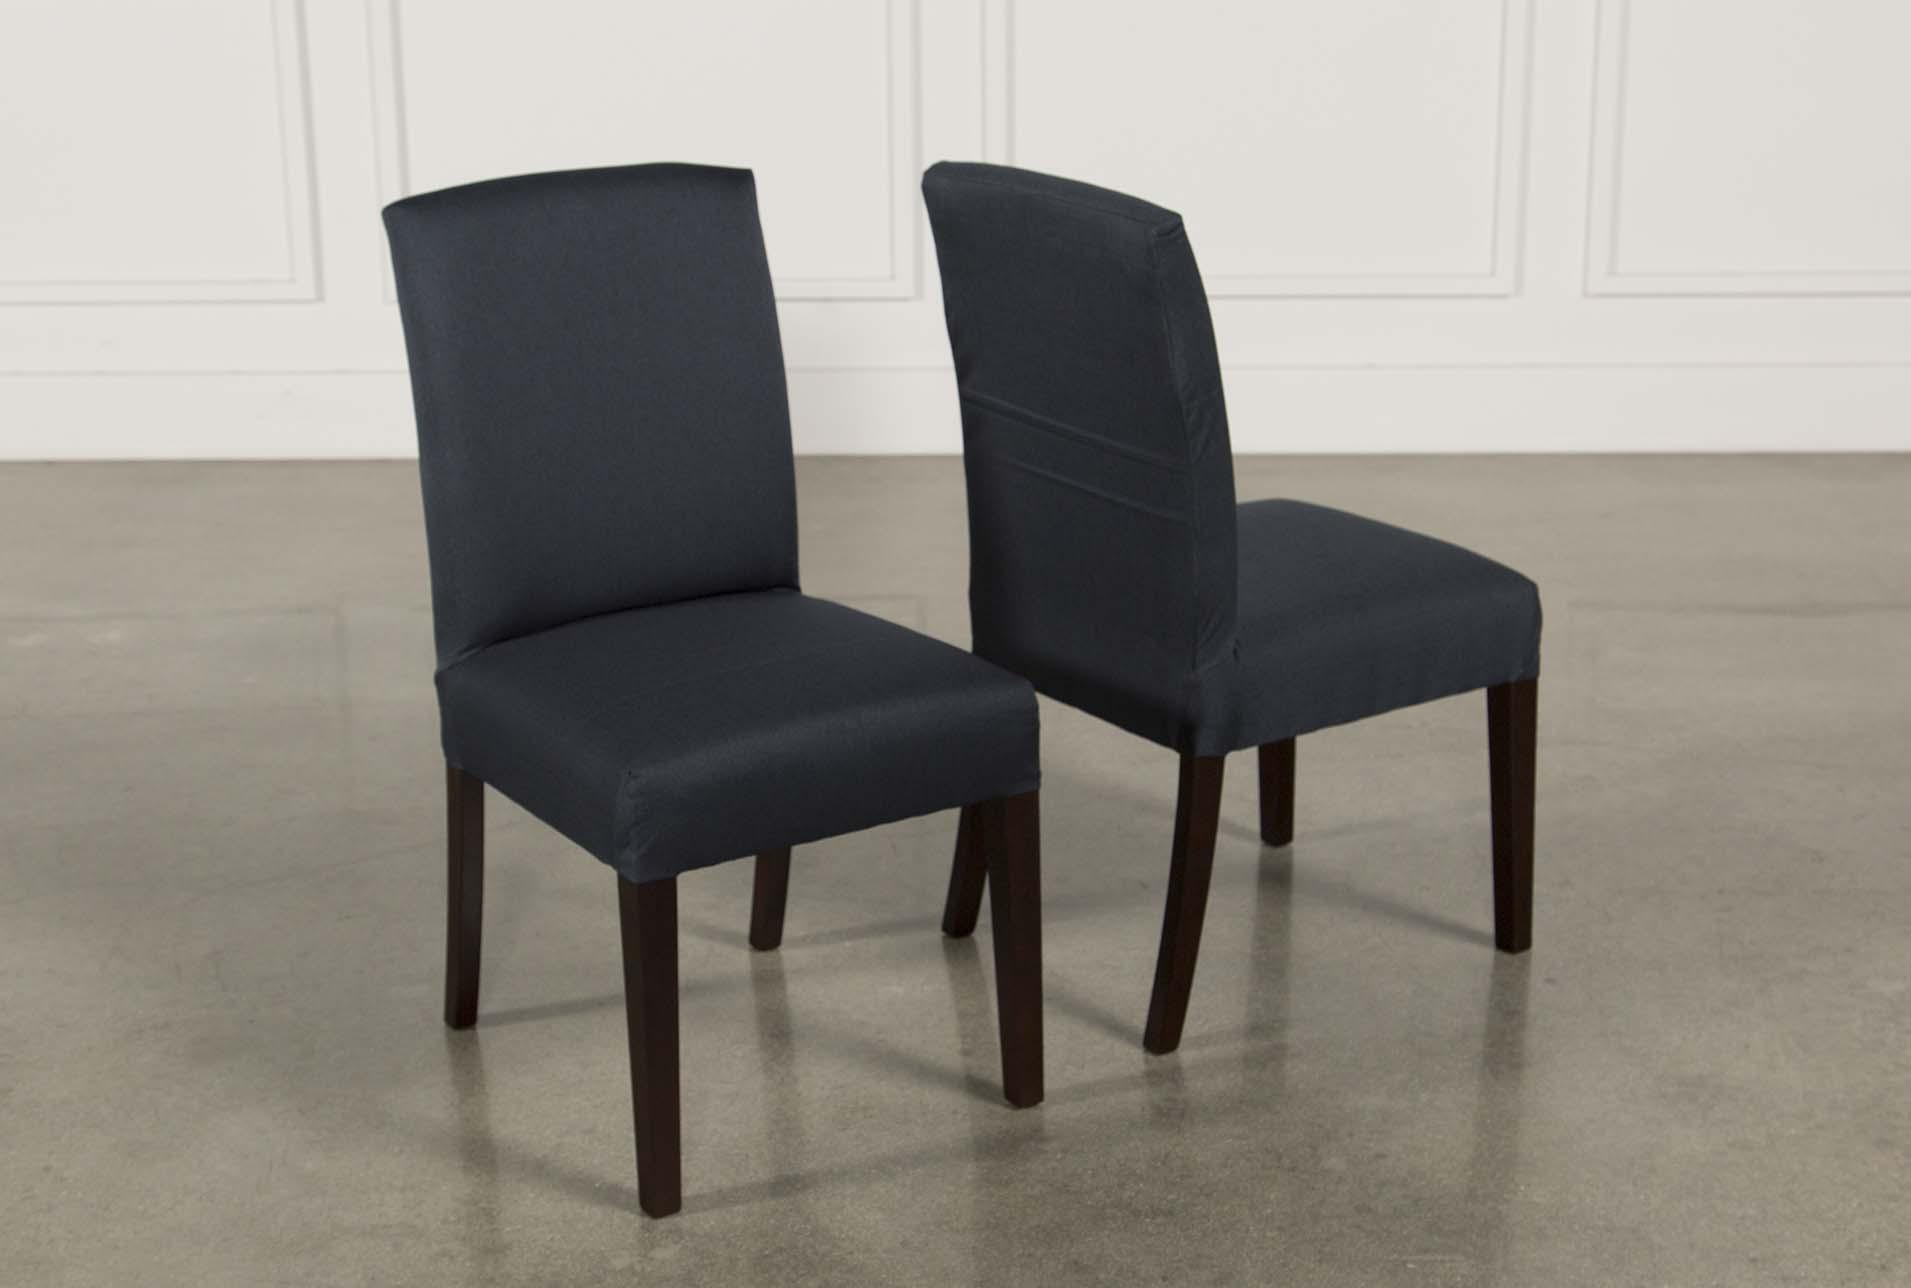 Exceptional Garten Navy Chairs W/Espresso Finish Set Of 2   360